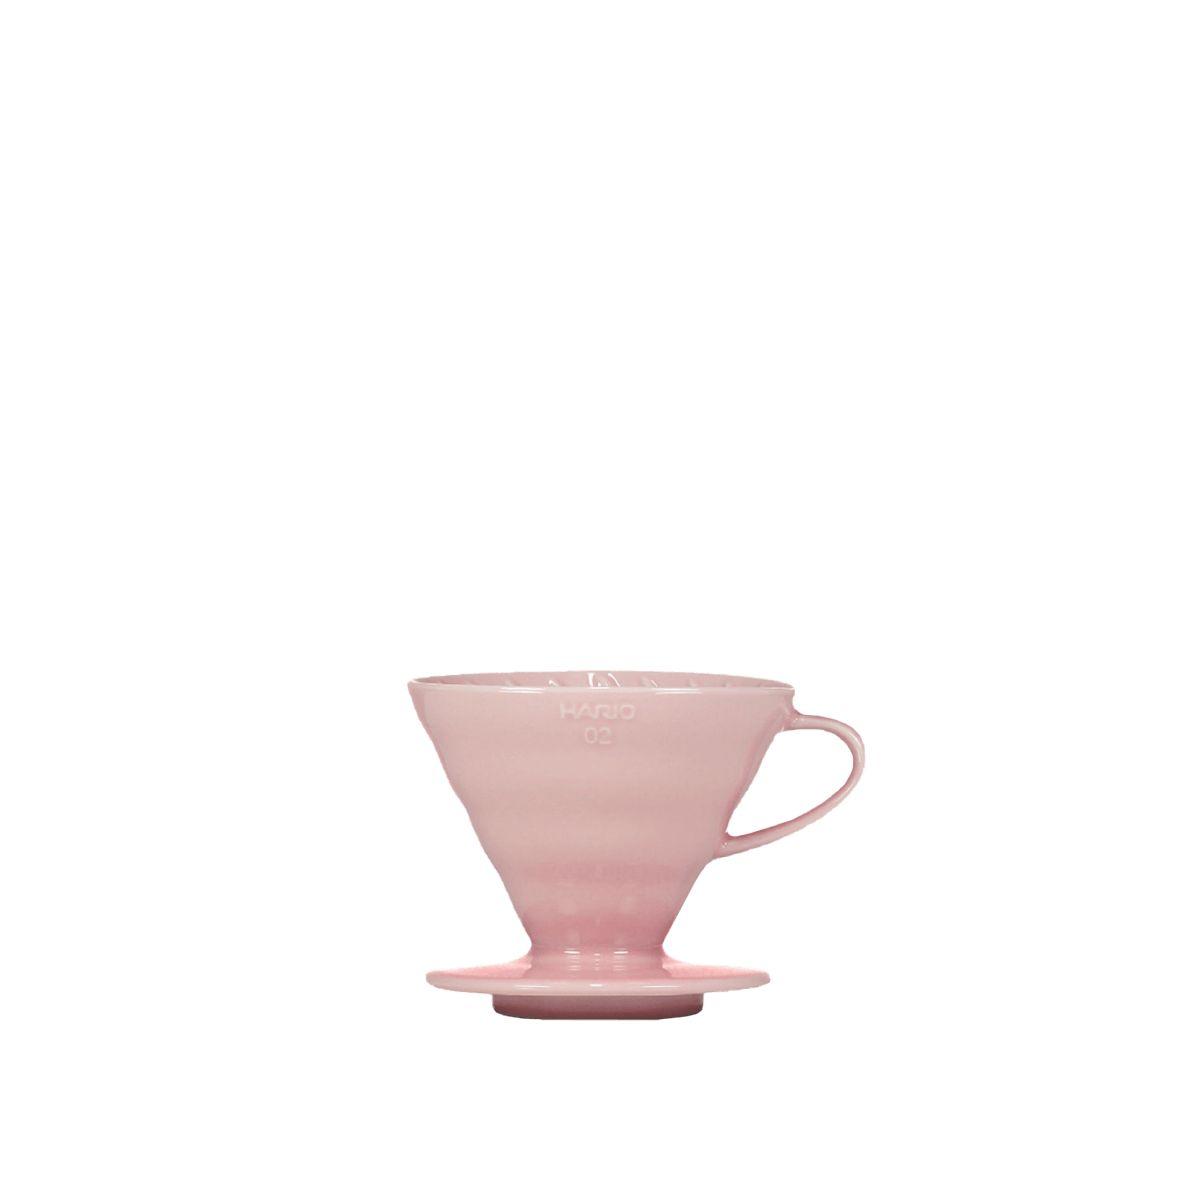 V60 Dripper Hario Porzellan [3/4 Tassen] - Rosa